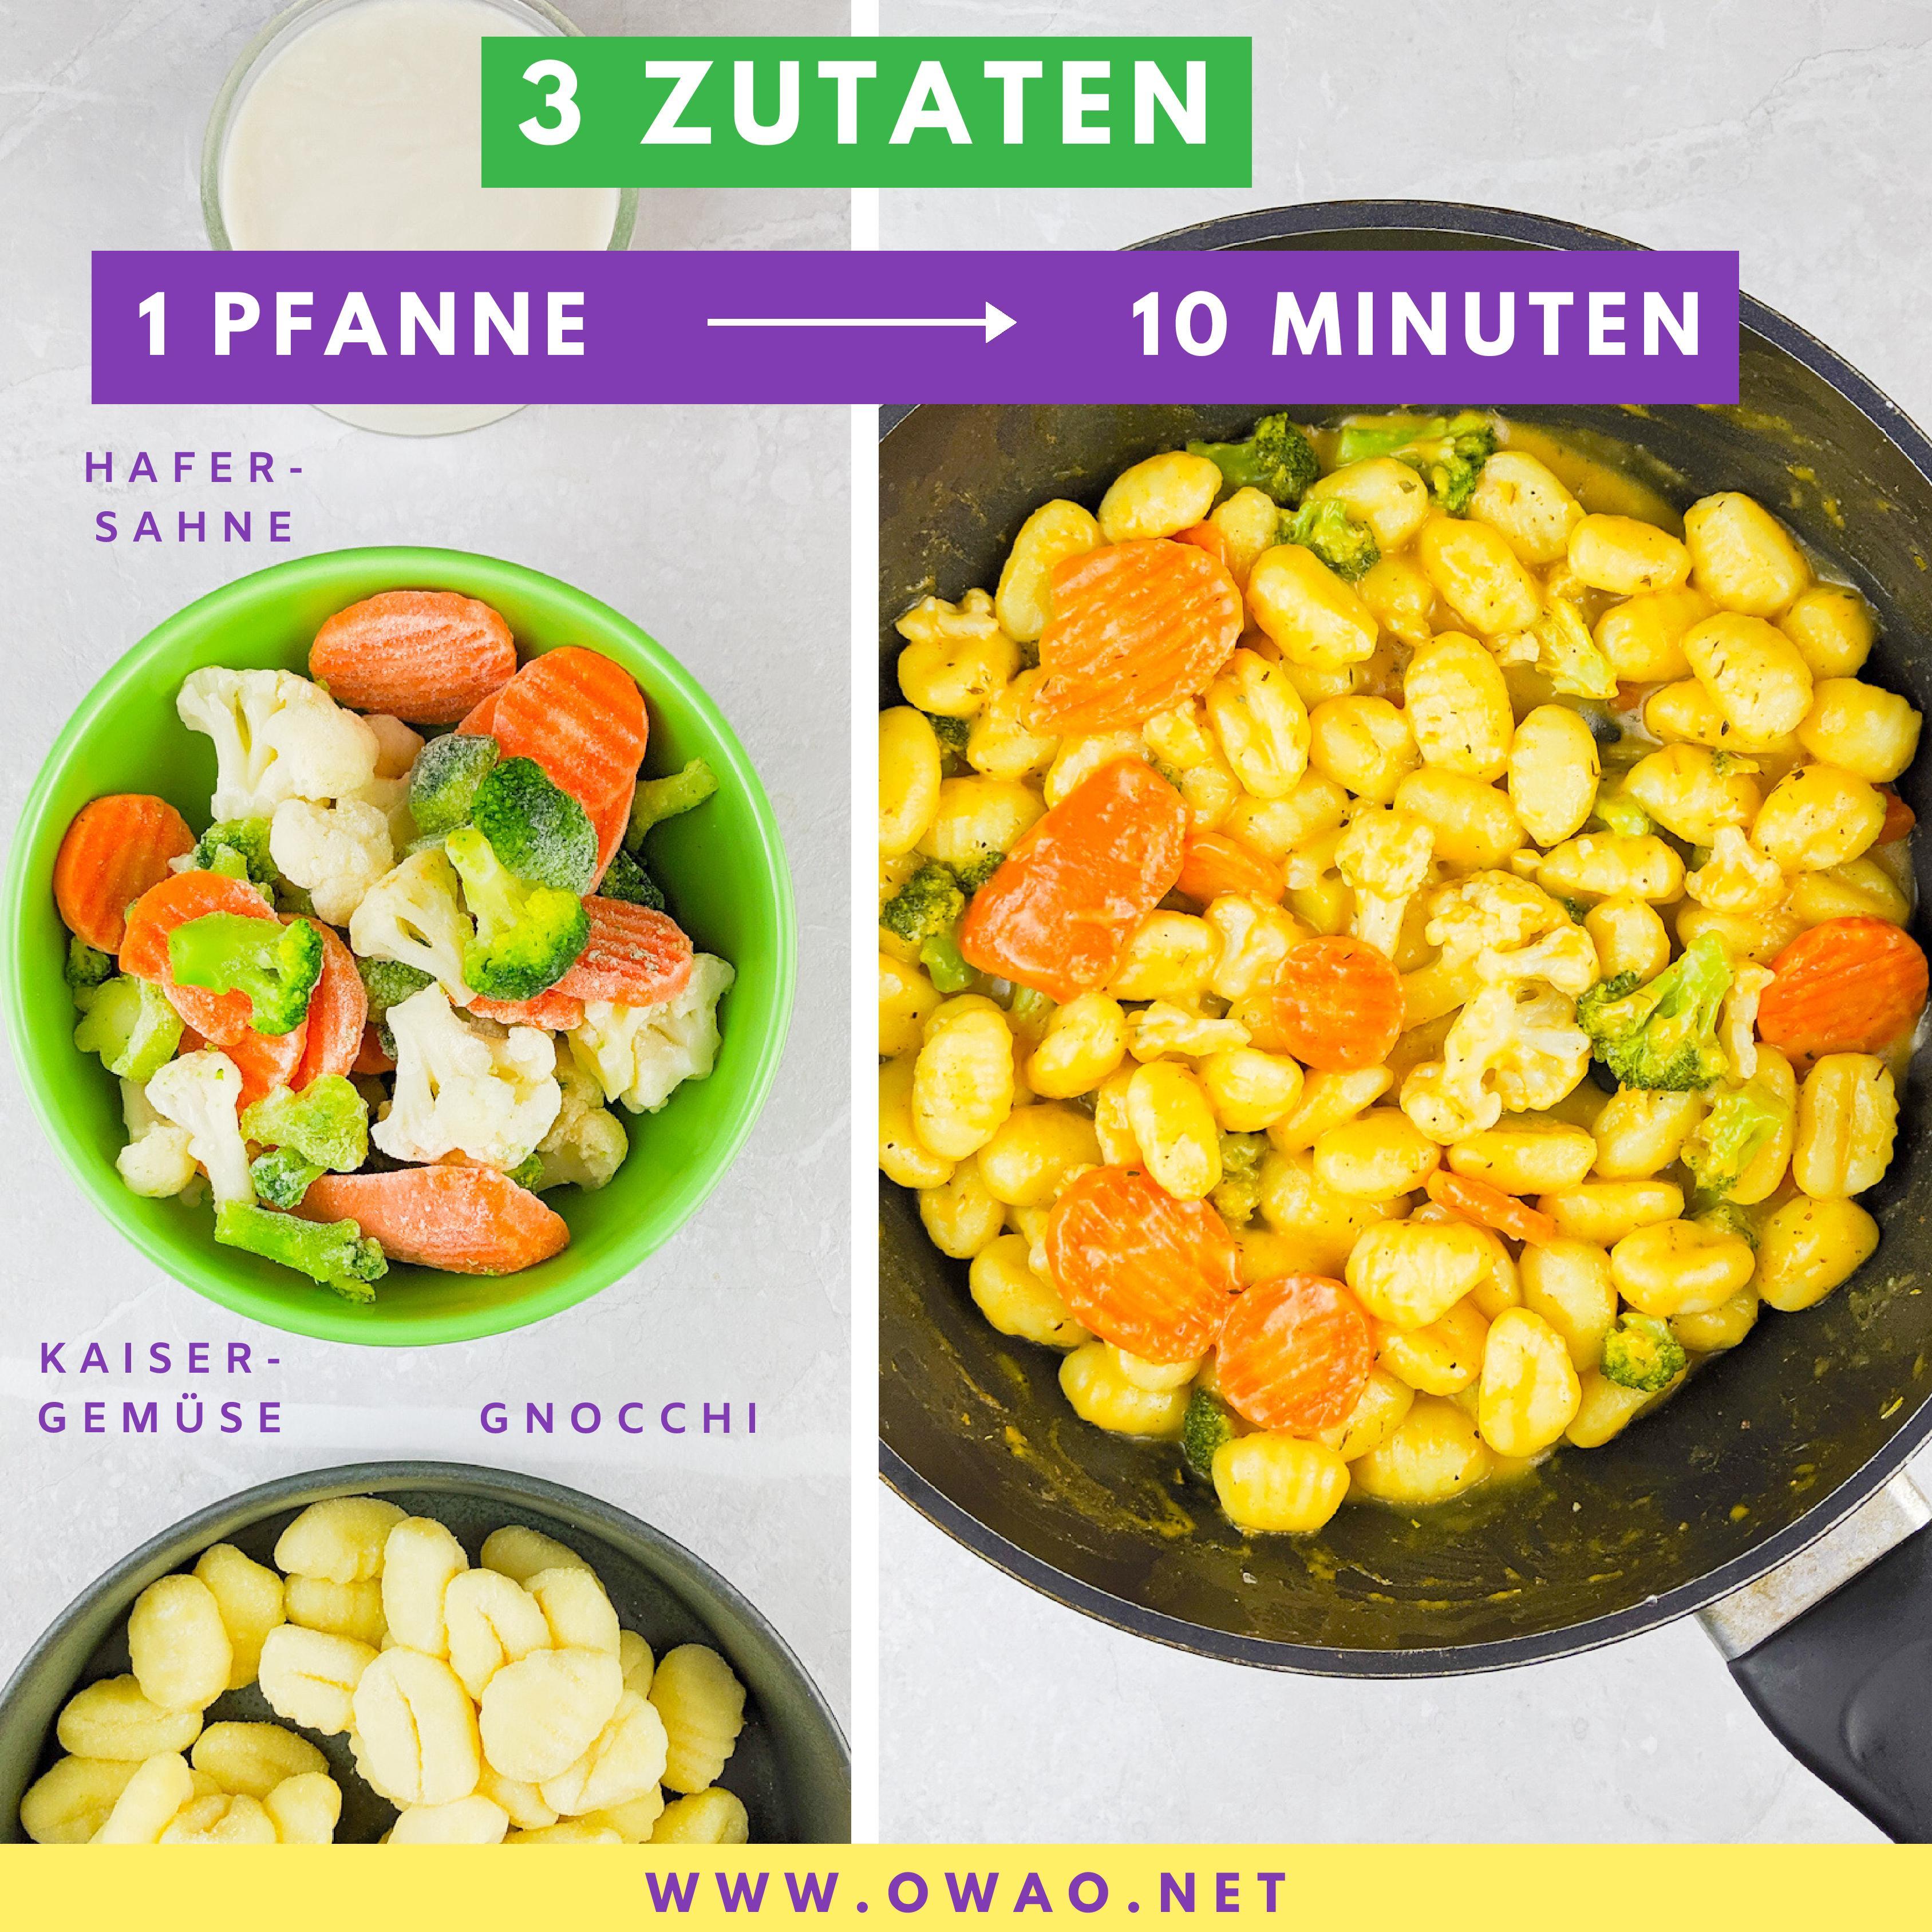 Schnelles Abendessen-OWAO!-Meal Prep-Meal Prep vegan-Ernährung für Vielbeschäftigte